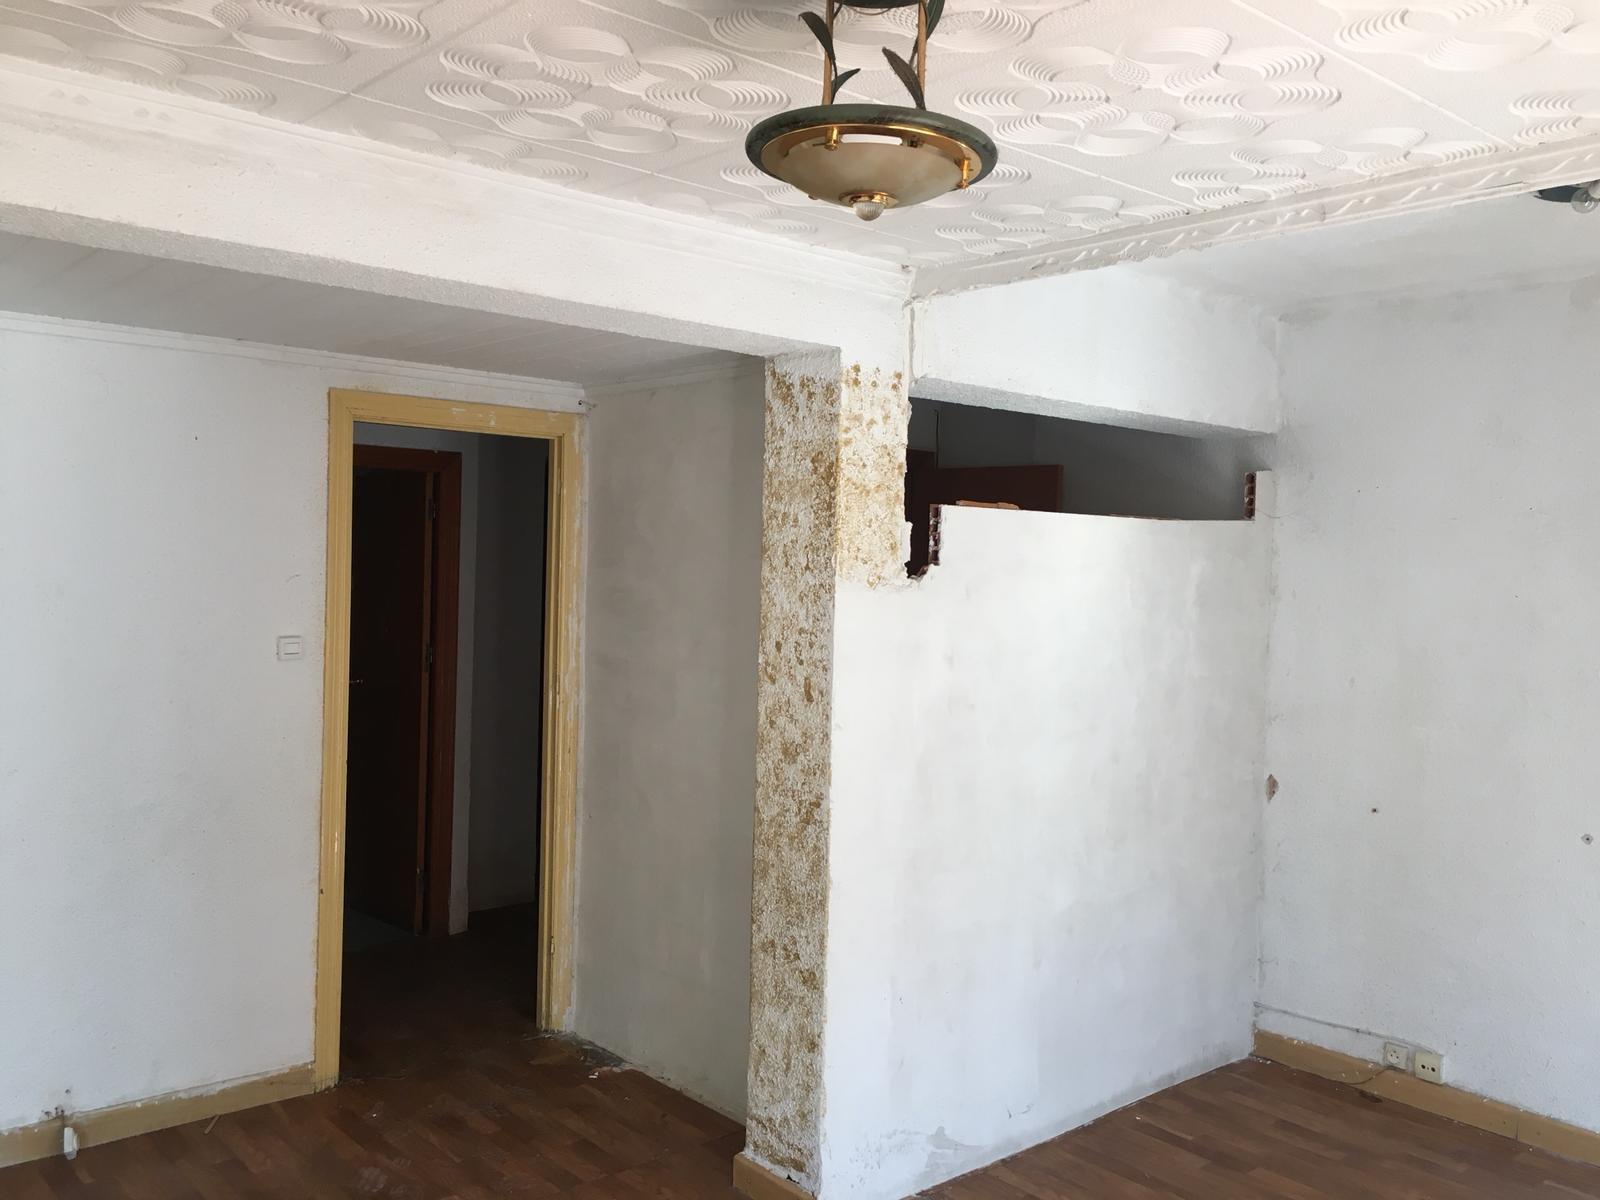 Piso en venta en Gandia, Valencia, Calle Pintor Joan de Joanes, 38.900 €, 3 habitaciones, 1 baño, 72 m2